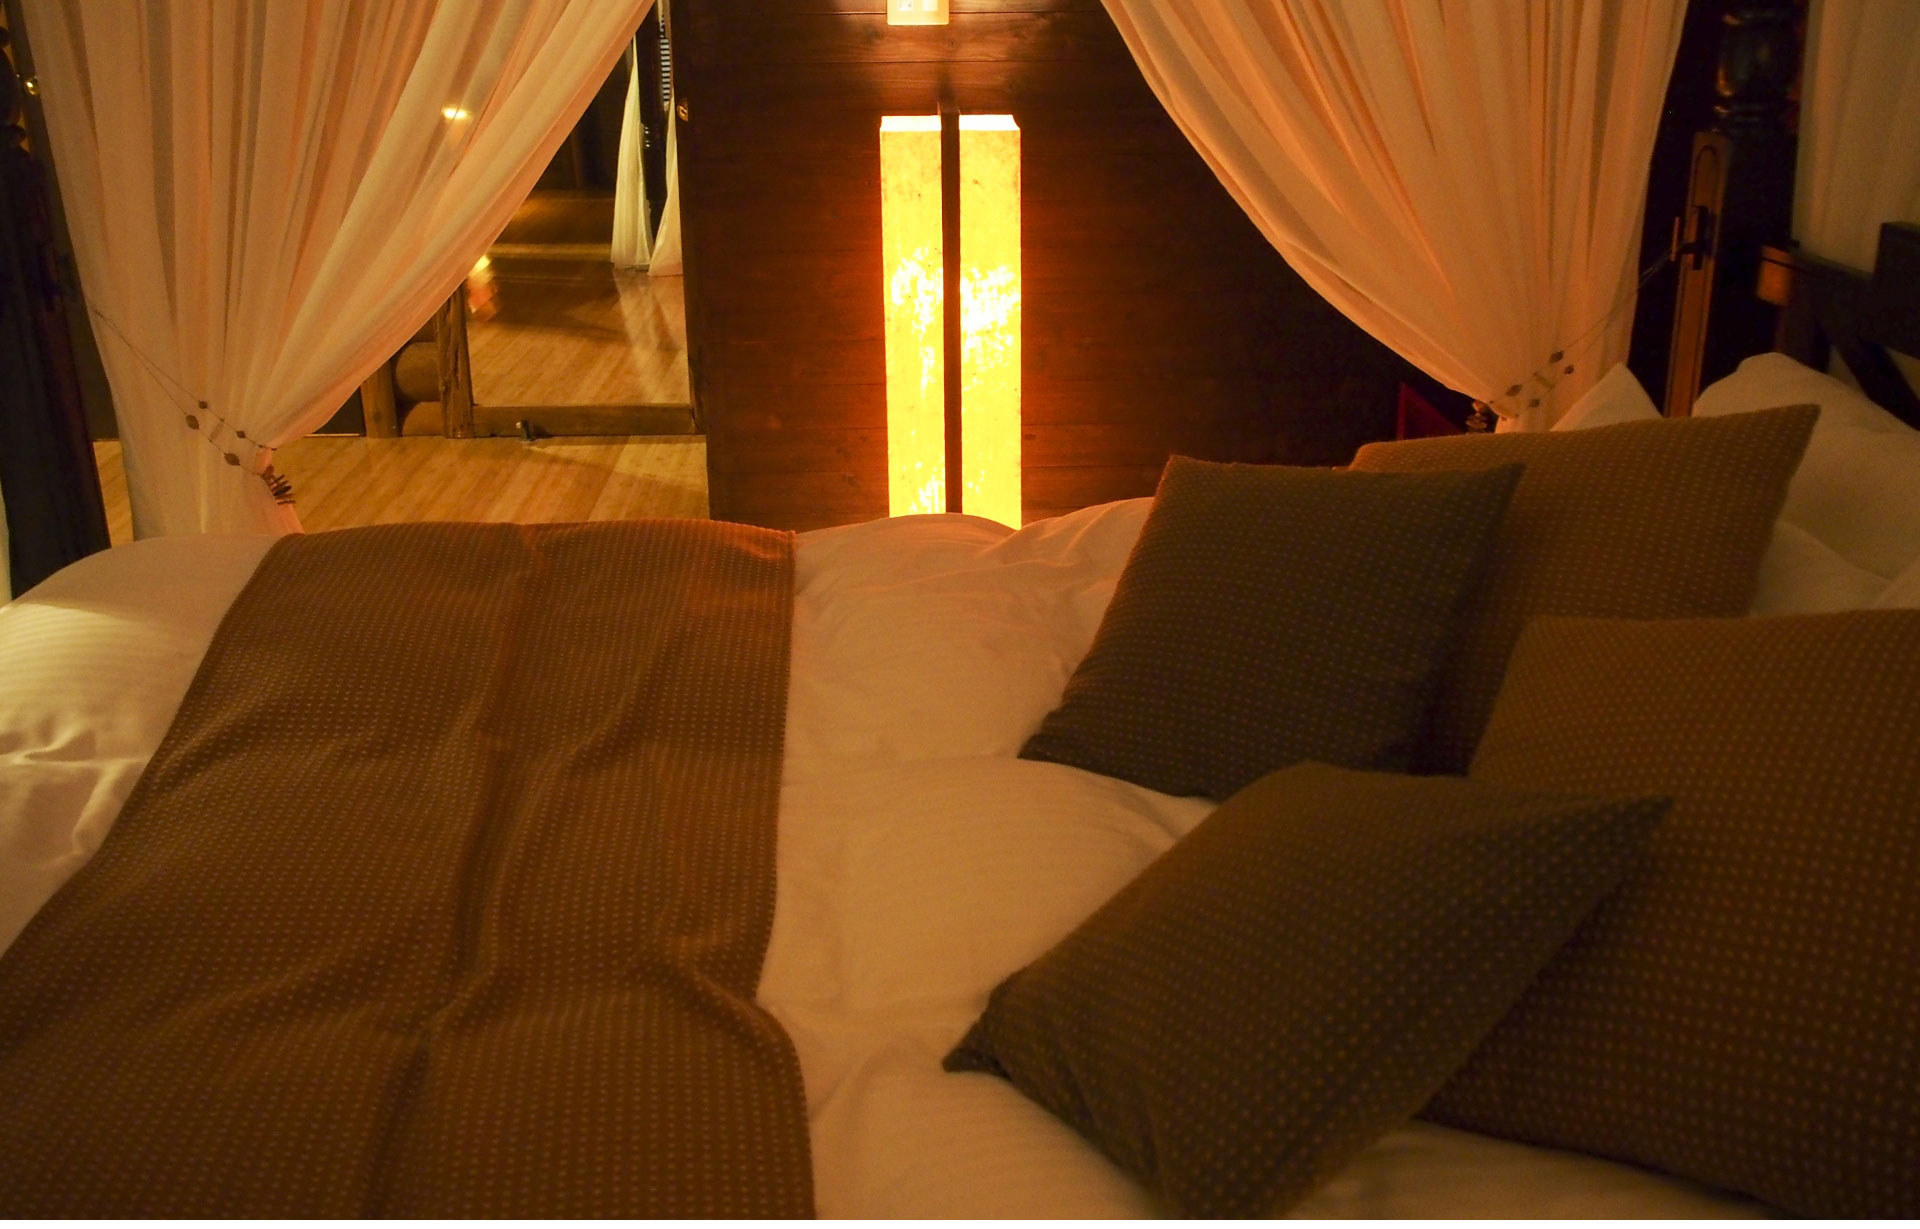 夫と浮気相手がラブホテルを利用している場合、どんな証拠を集めればいいのか